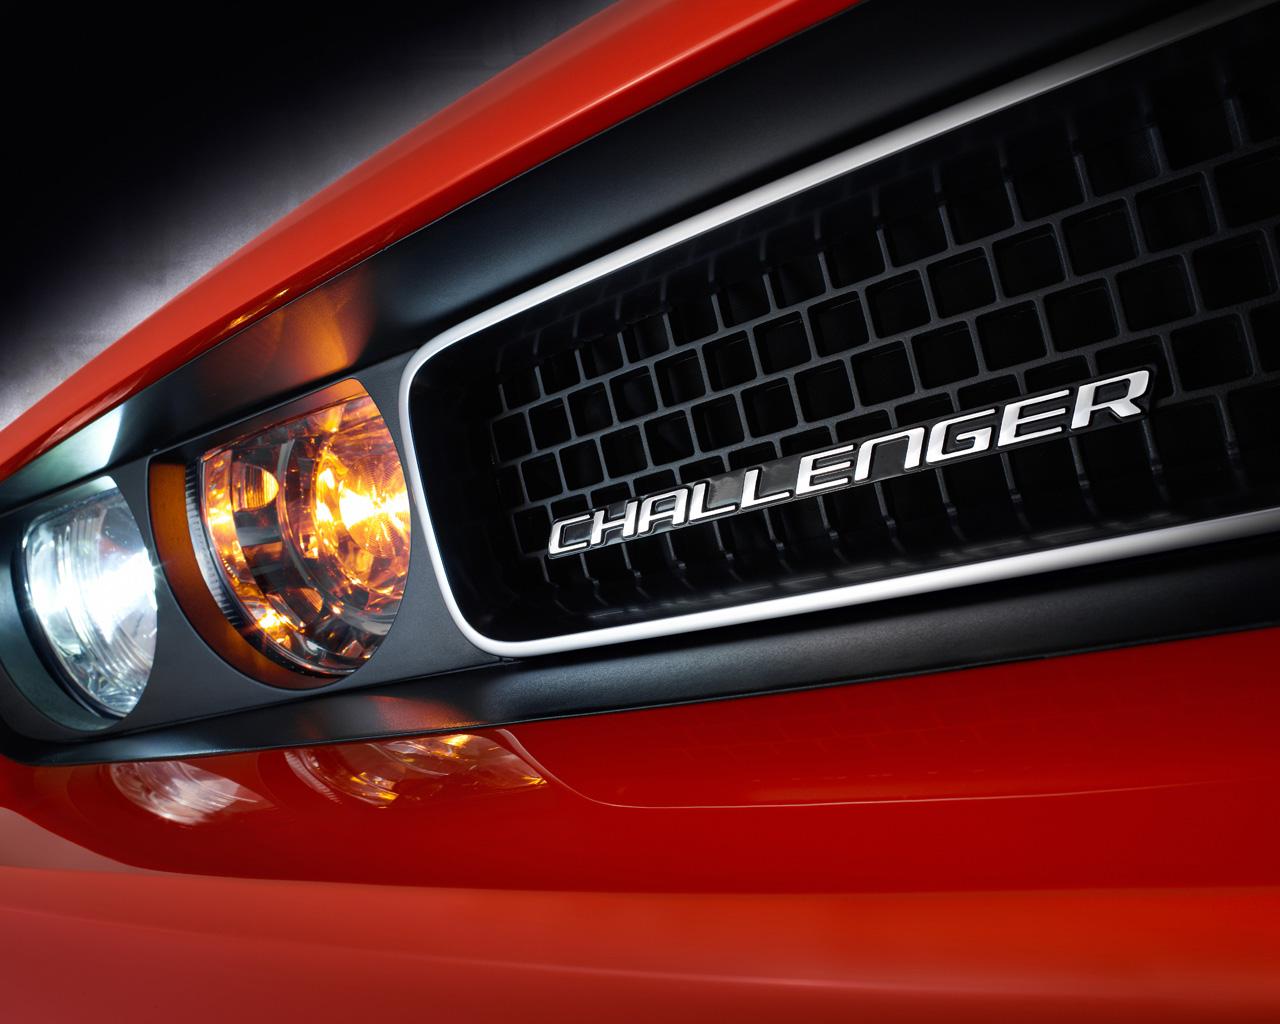 http://1.bp.blogspot.com/-BnEwsFTR7AQ/T9DjE8IE_wI/AAAAAAAAAZs/RlX6C1ZGBY4/s1600/cars_dodge_challenger_wallpaper.jpg